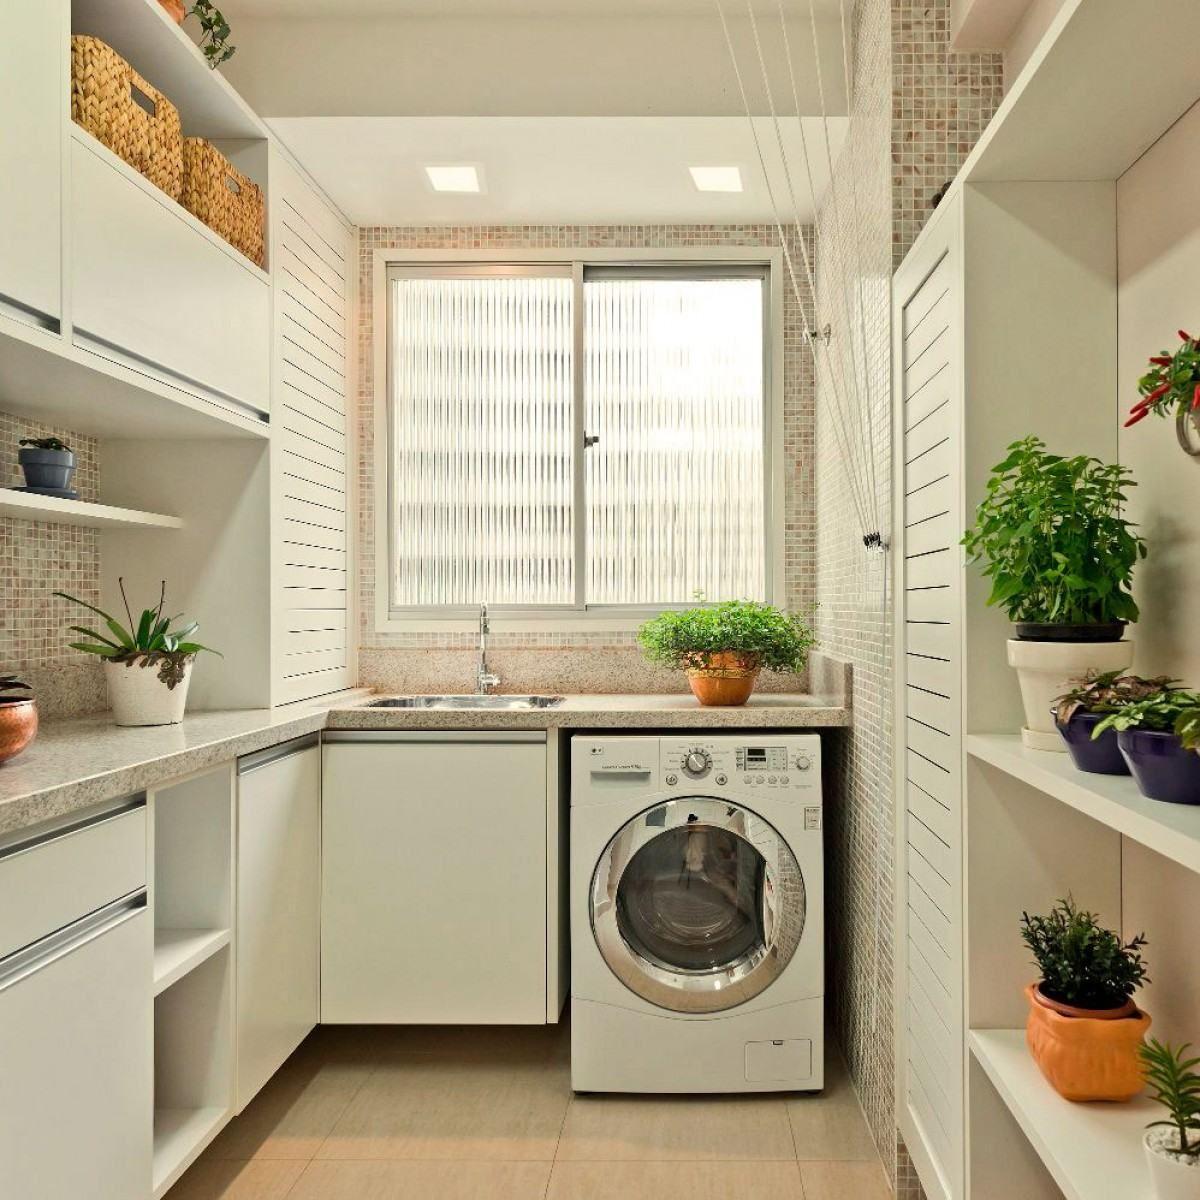 Lavanderia Pequena 60 Dicas e Inspirações para Organizar Móveis casaÁrea de serviço